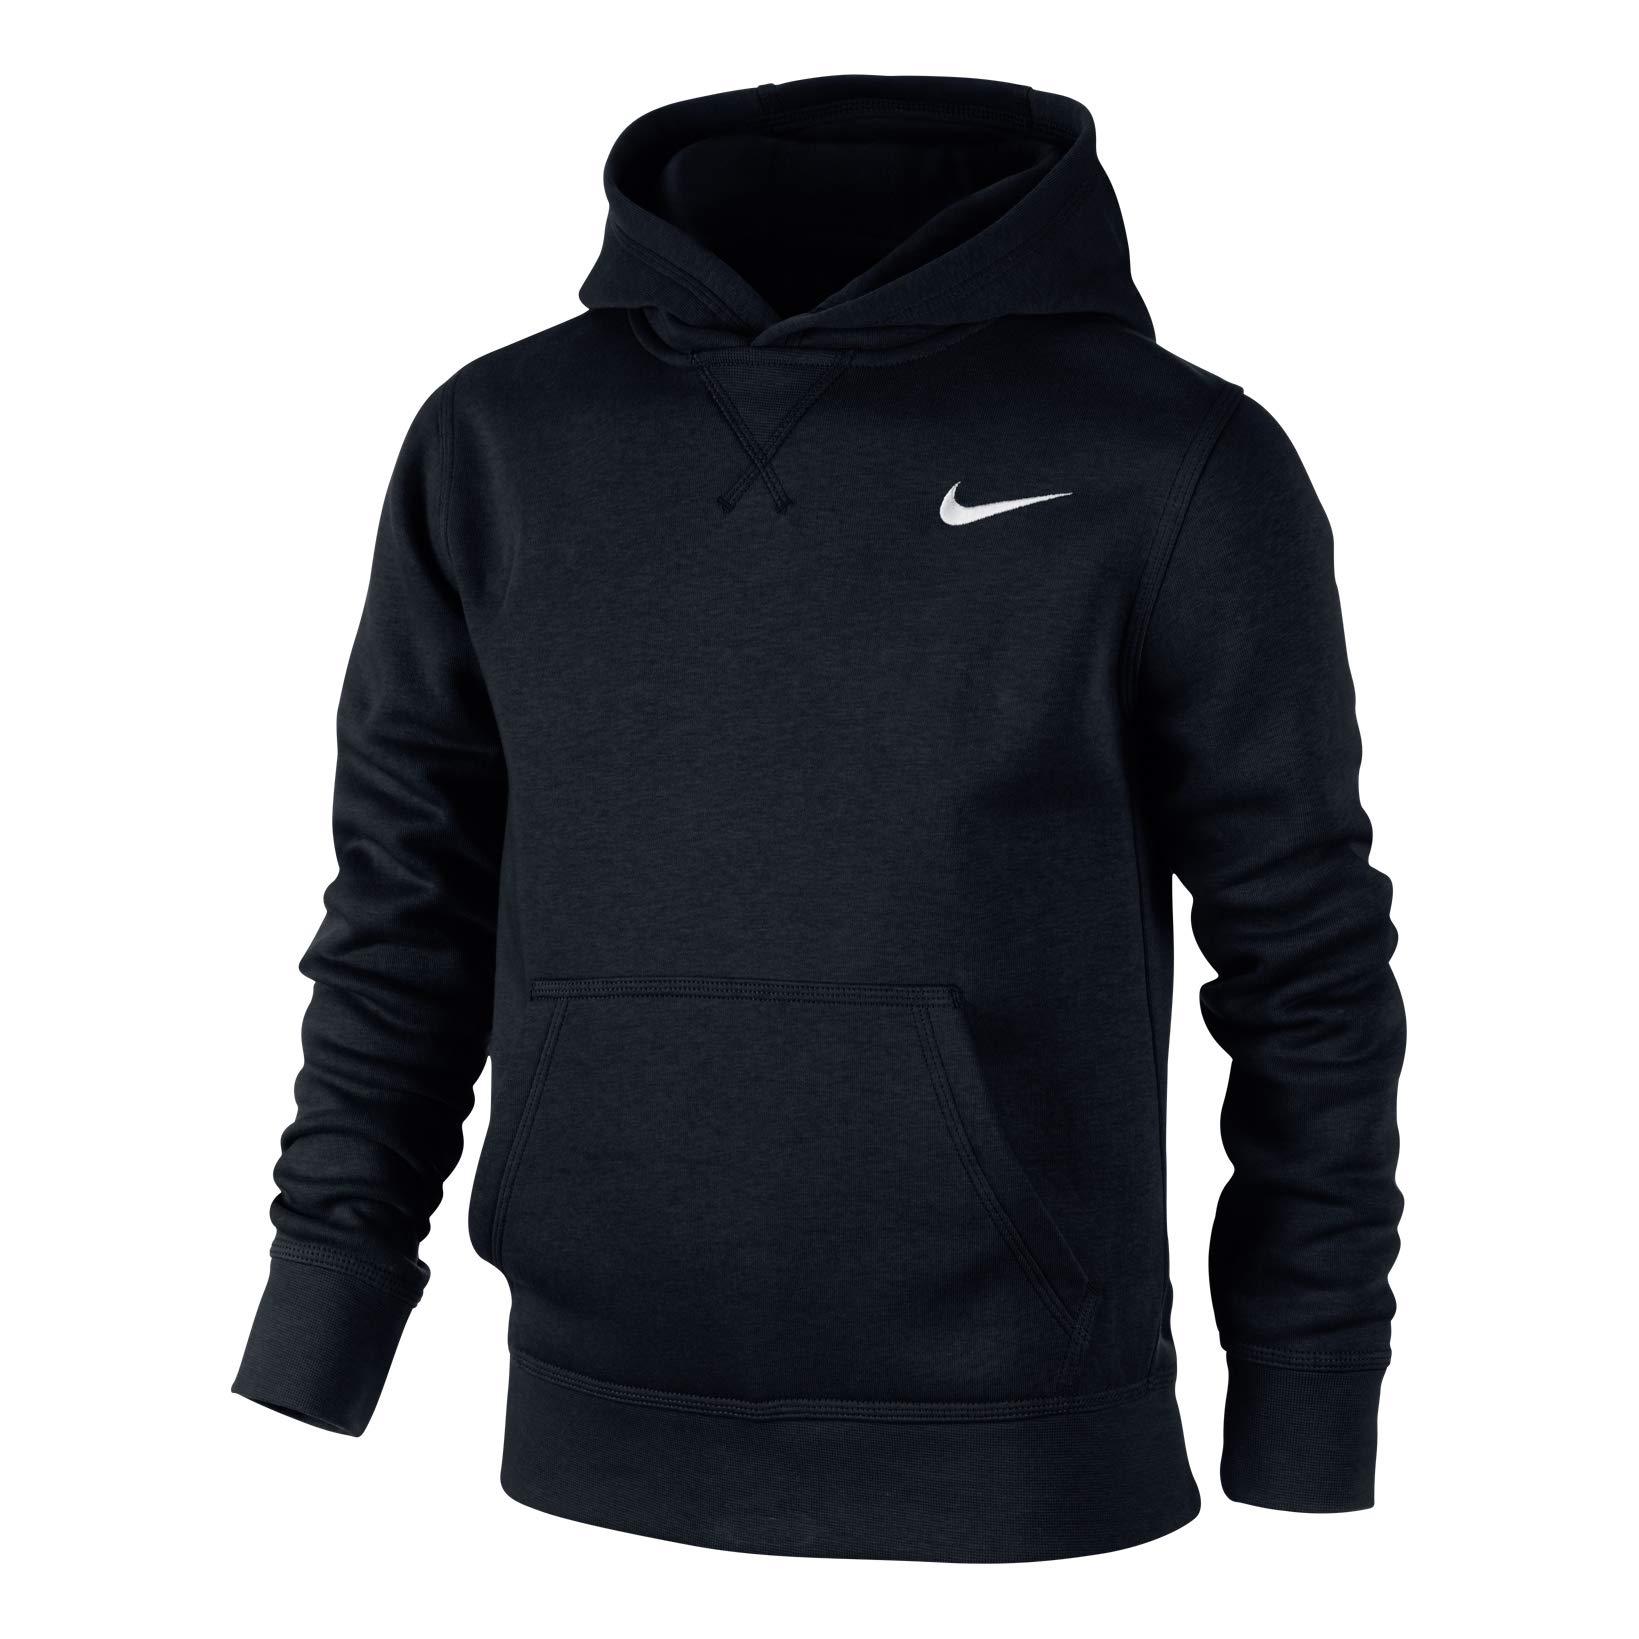 Nike, Felpa con Cappuccio in Pile Spazzolato per Ragazzo